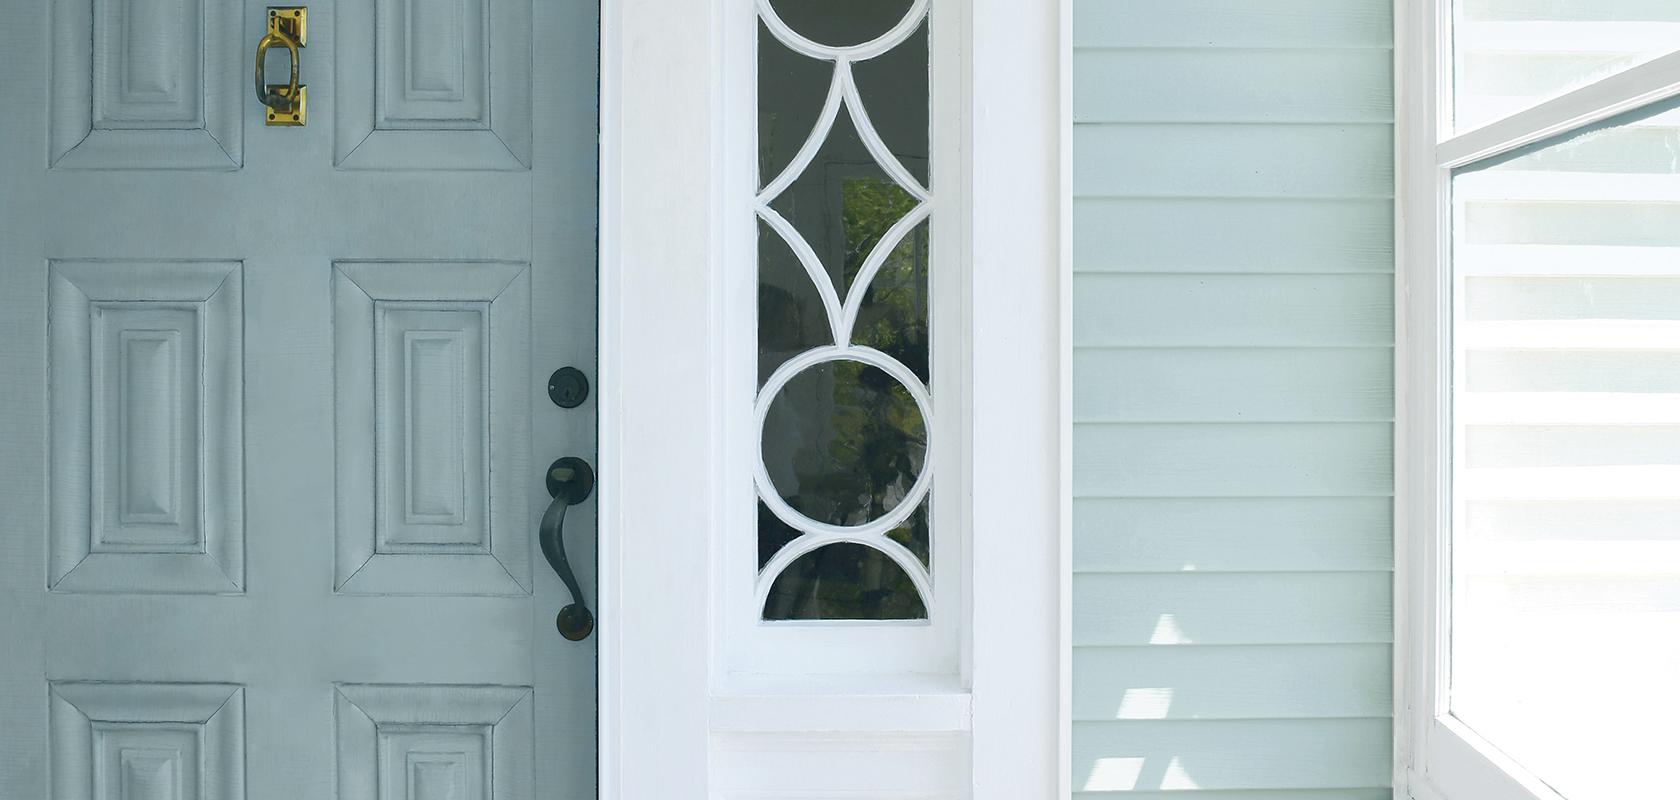 image of door and vinyl siding